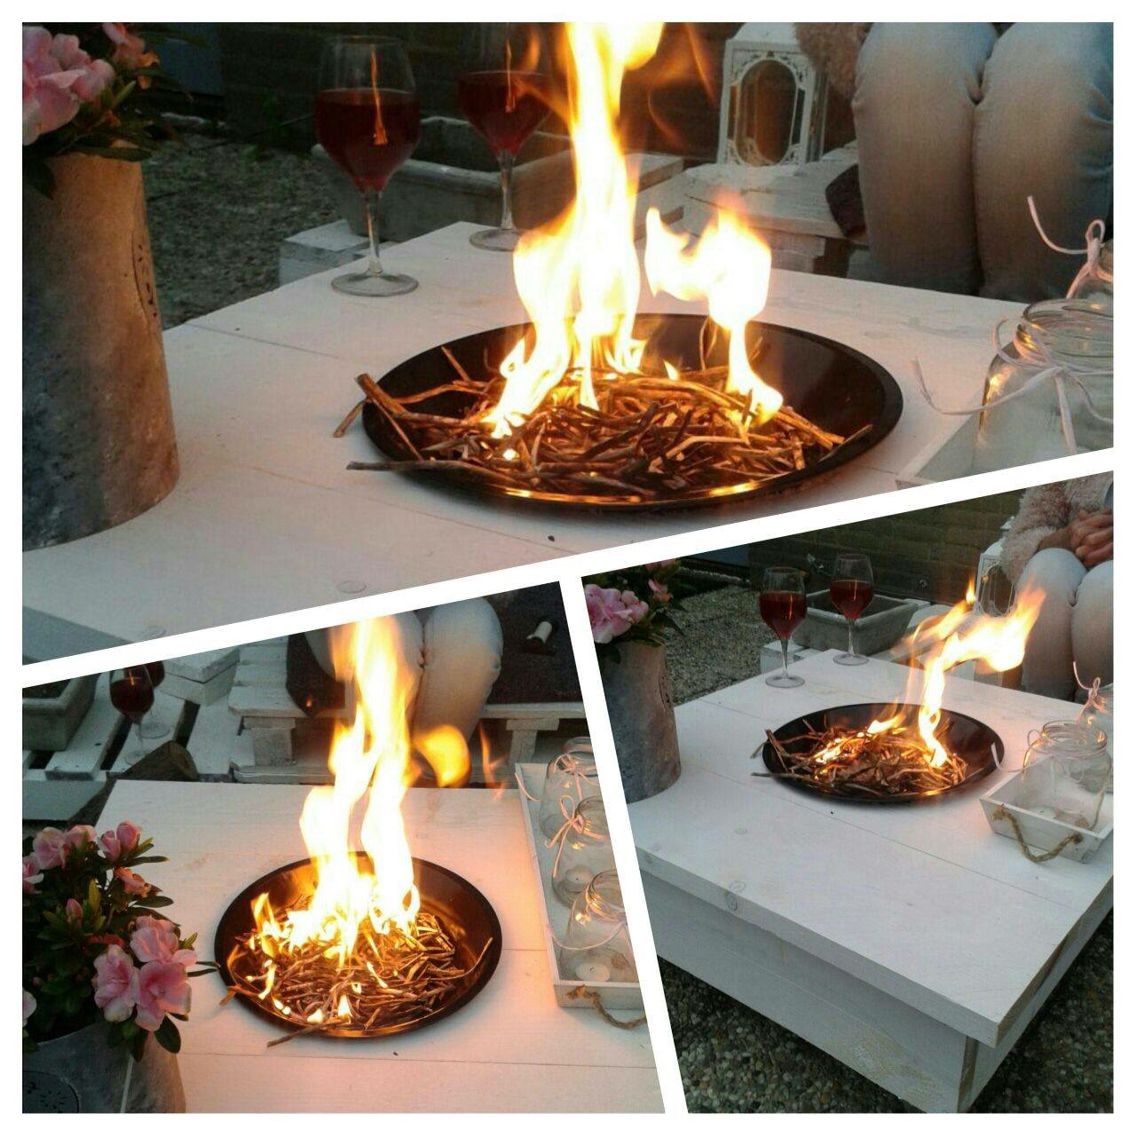 Ongekend Mooi vuurkorf/bbq idee met bbq van action in tafel gemaakt met gat HL-19